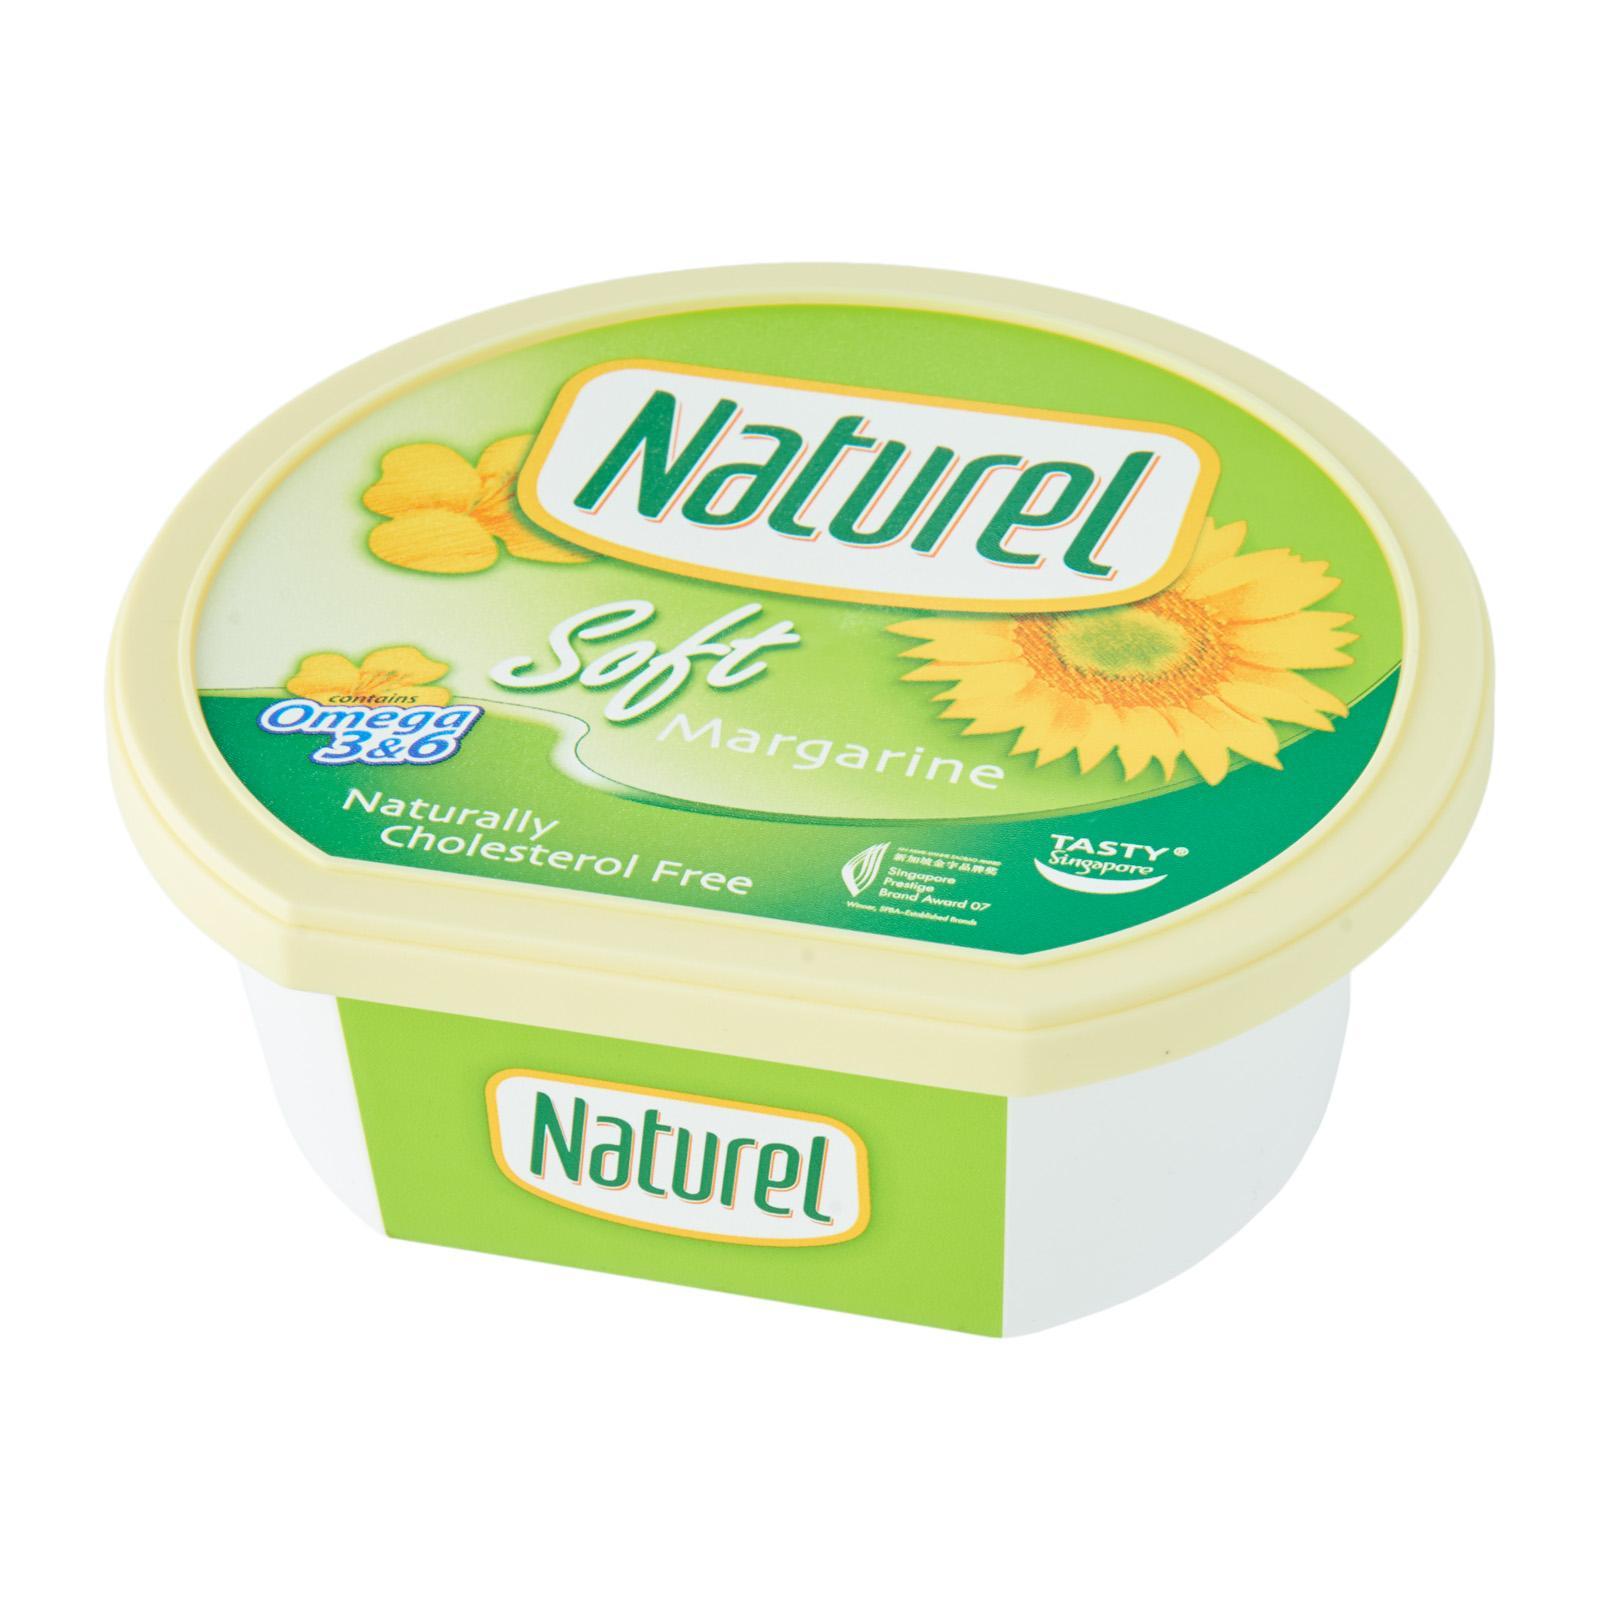 Naturel Margarine Soft 250G